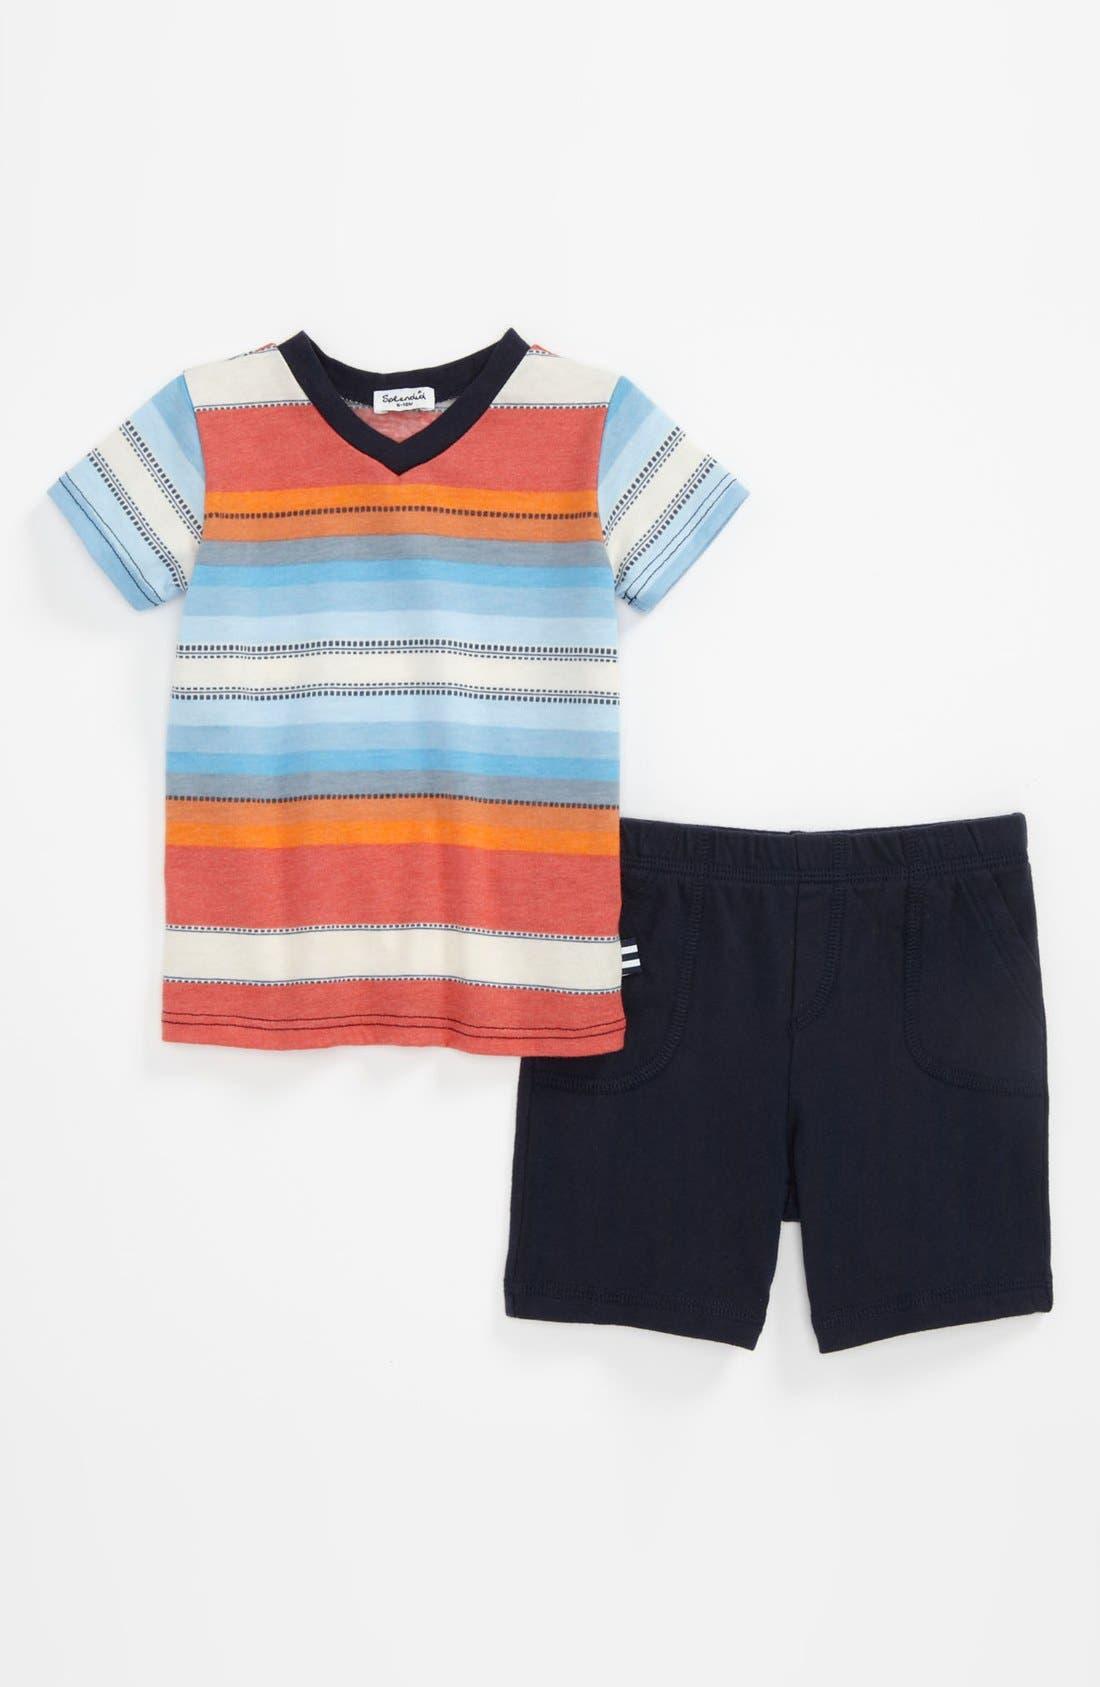 Alternate Image 1 Selected - Splendid V-Neck T-Shirt & Shorts (Baby)